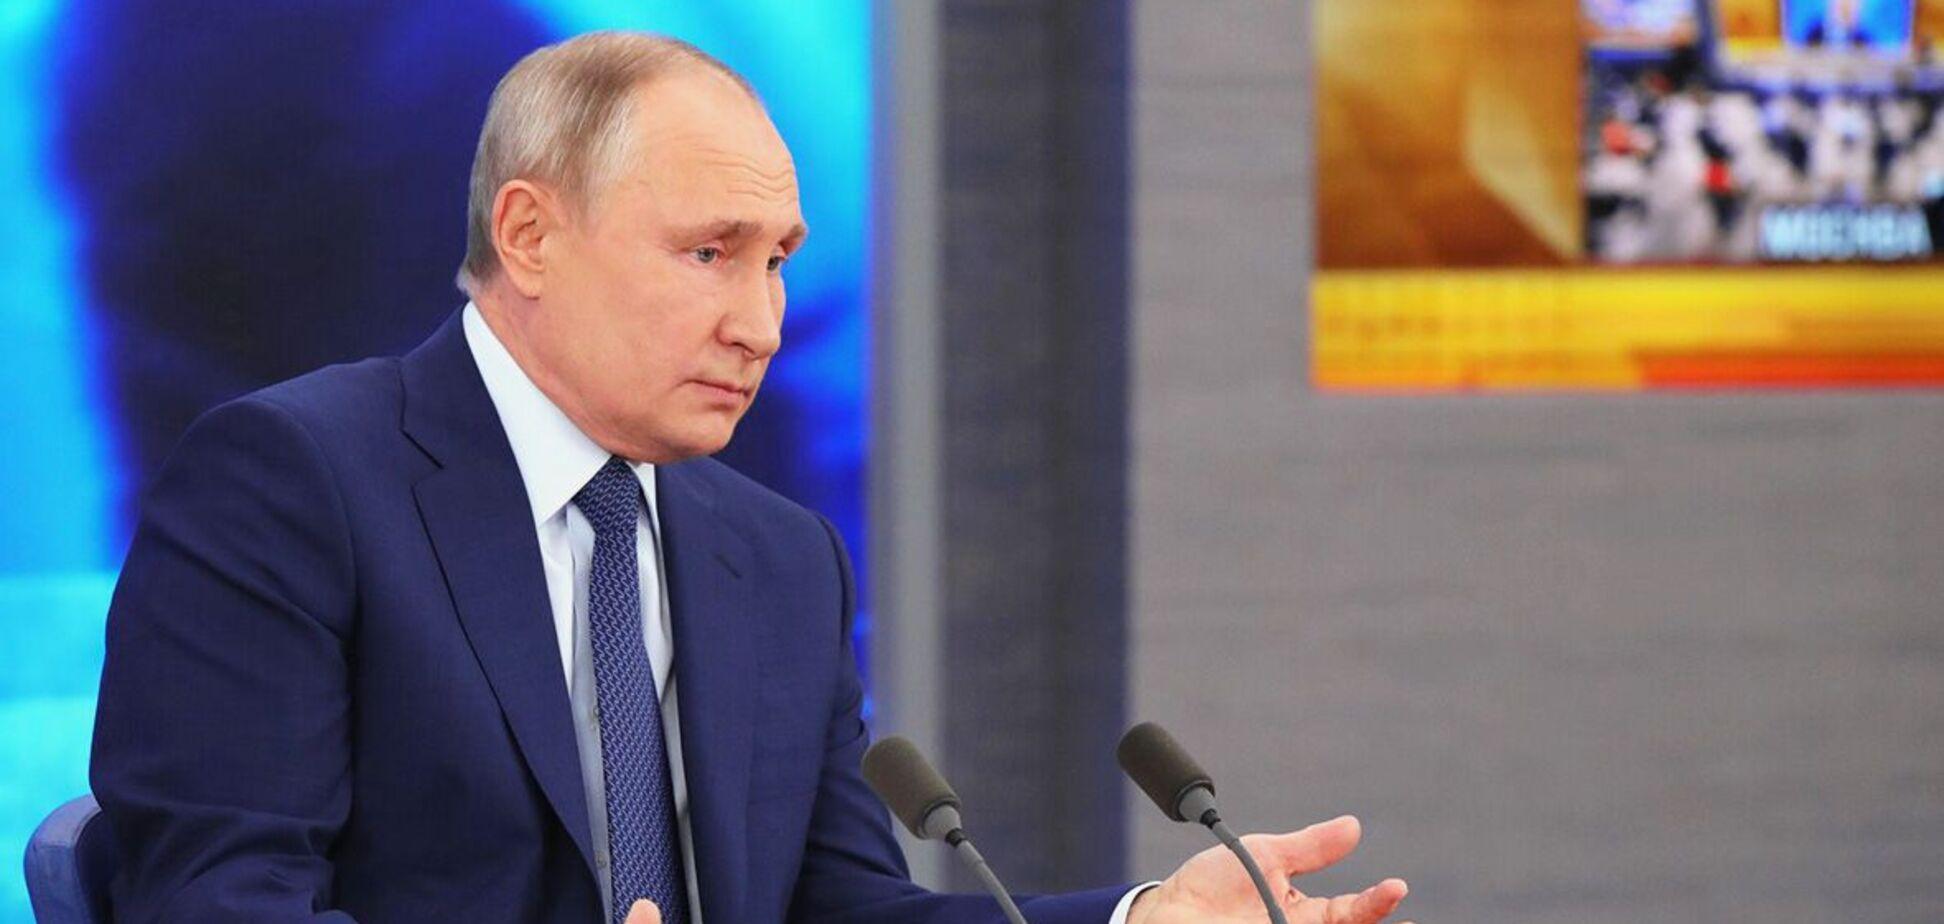 Кіпіані показав 'зашморг на шиї Путіна'. Знакове фото